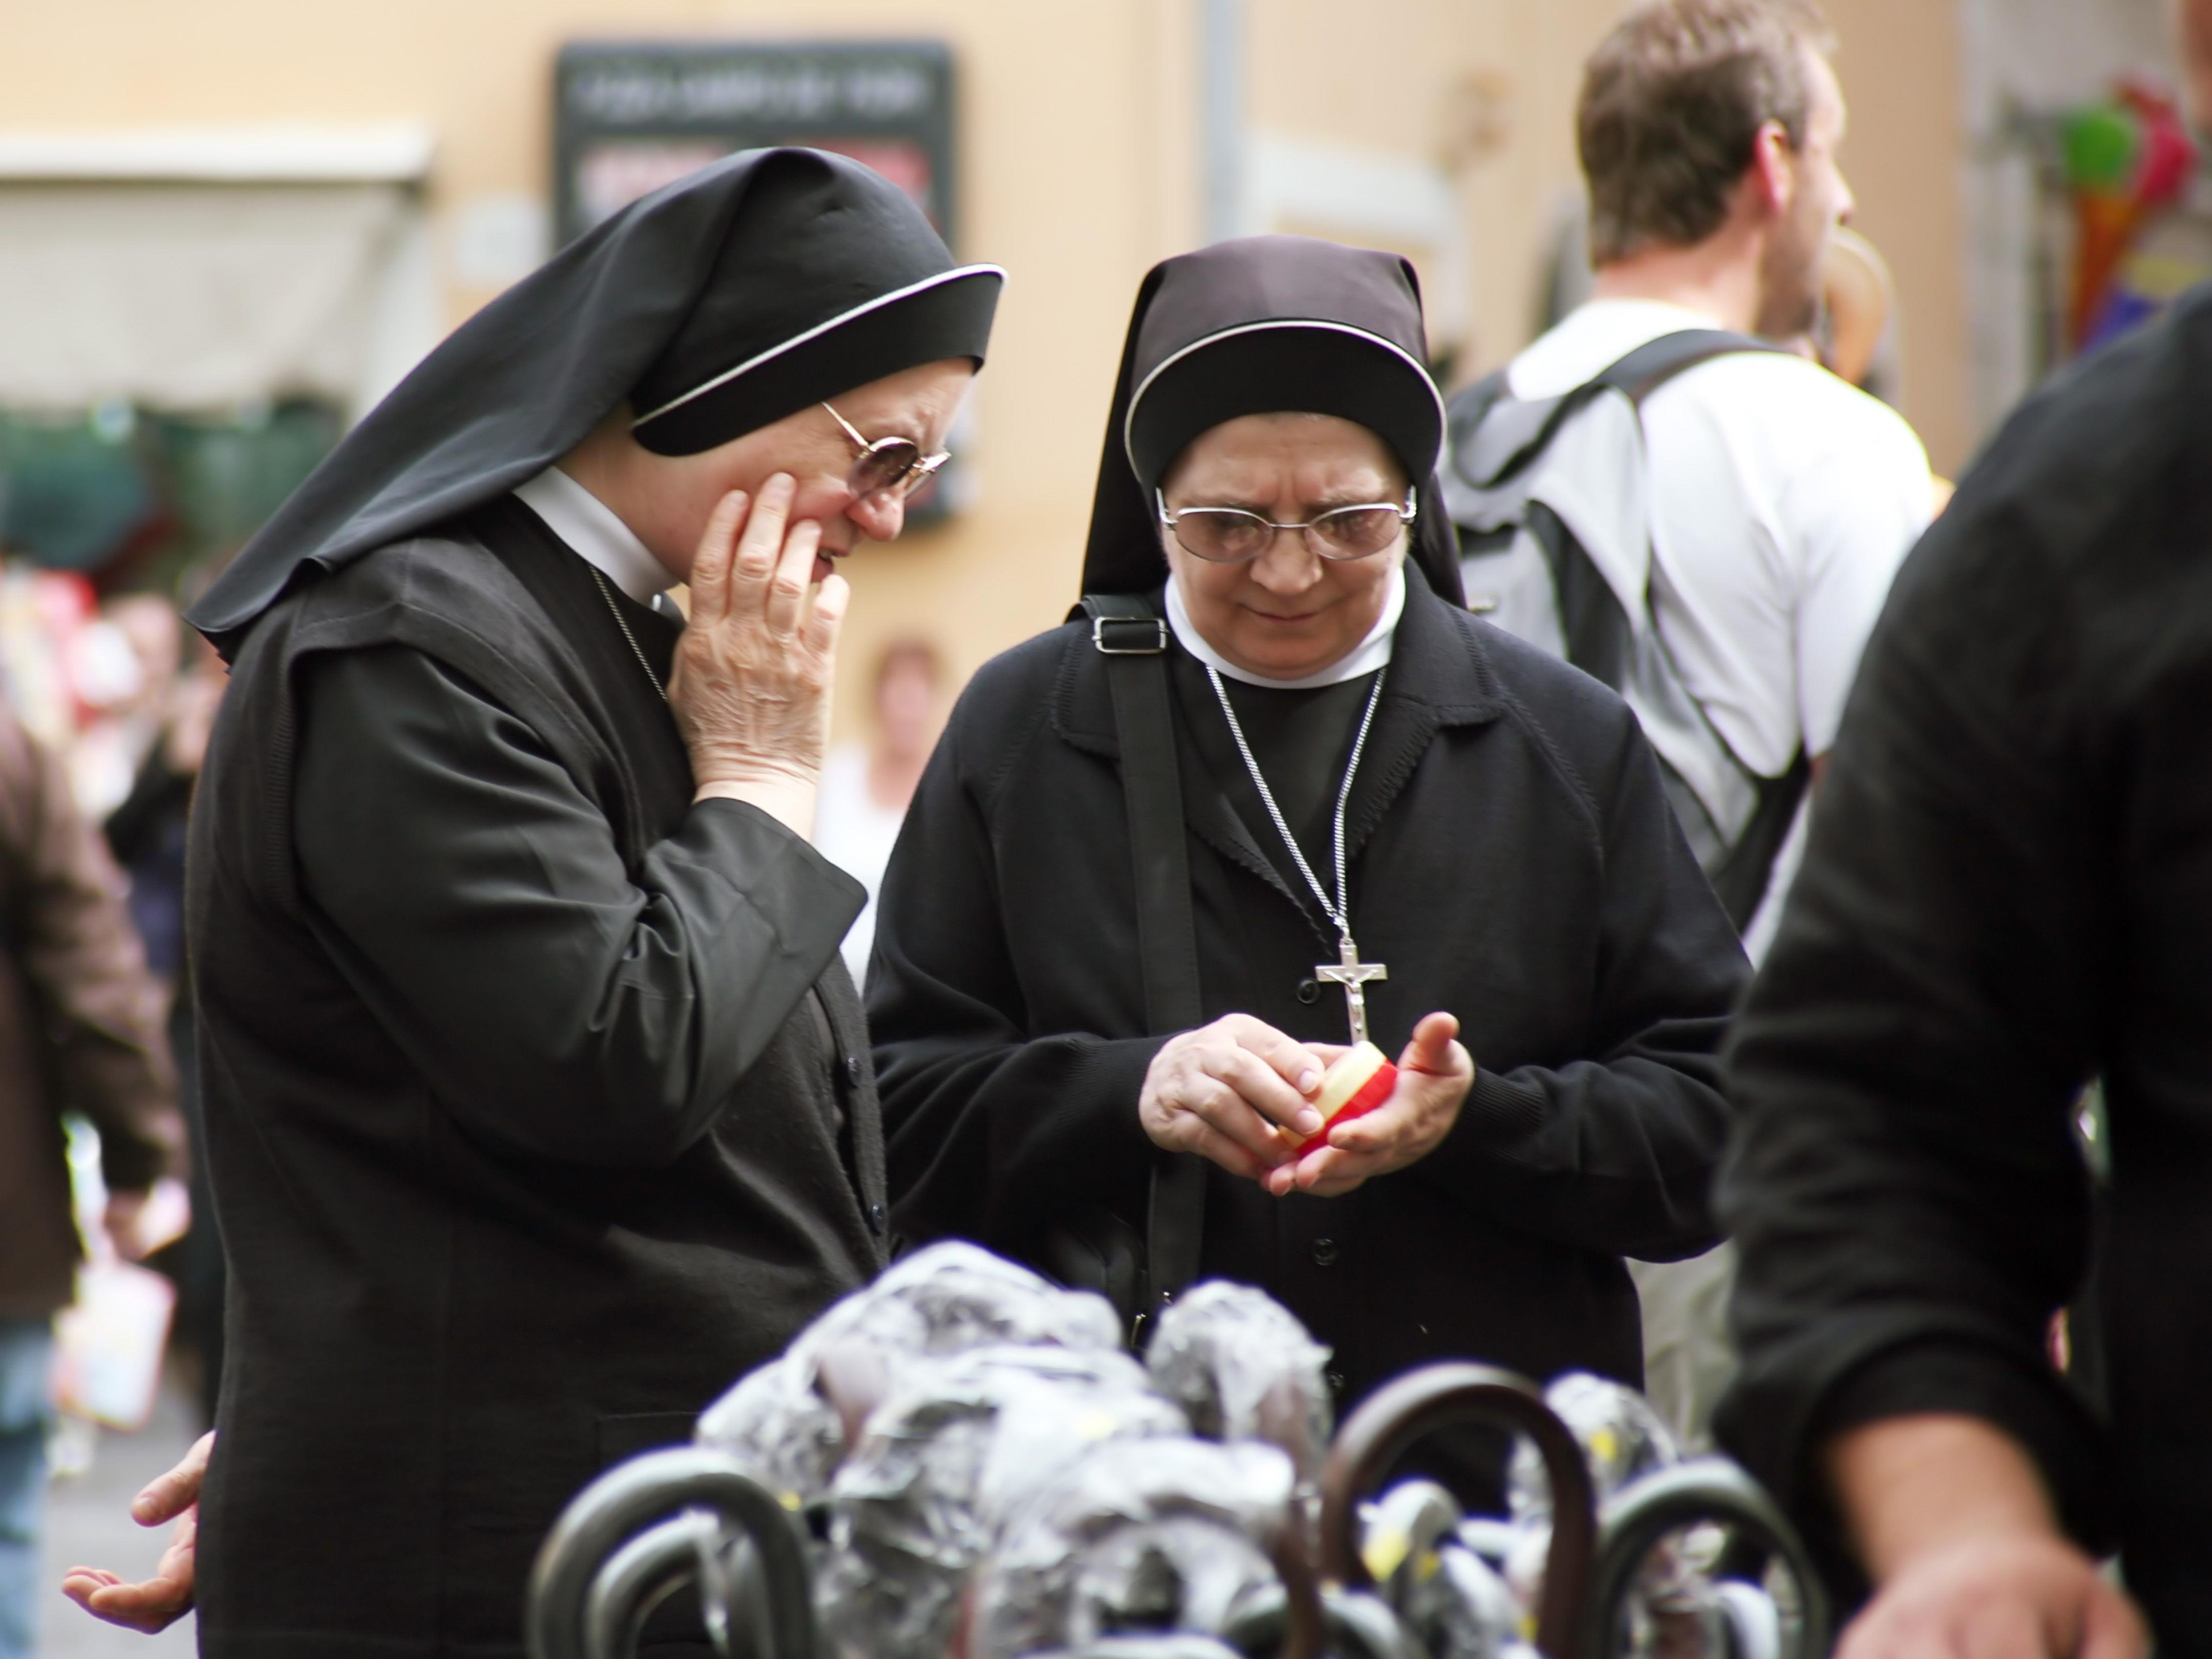 Eine Nonne wurde während der Zugfahrt von unbekannten Tätern bestohlen.